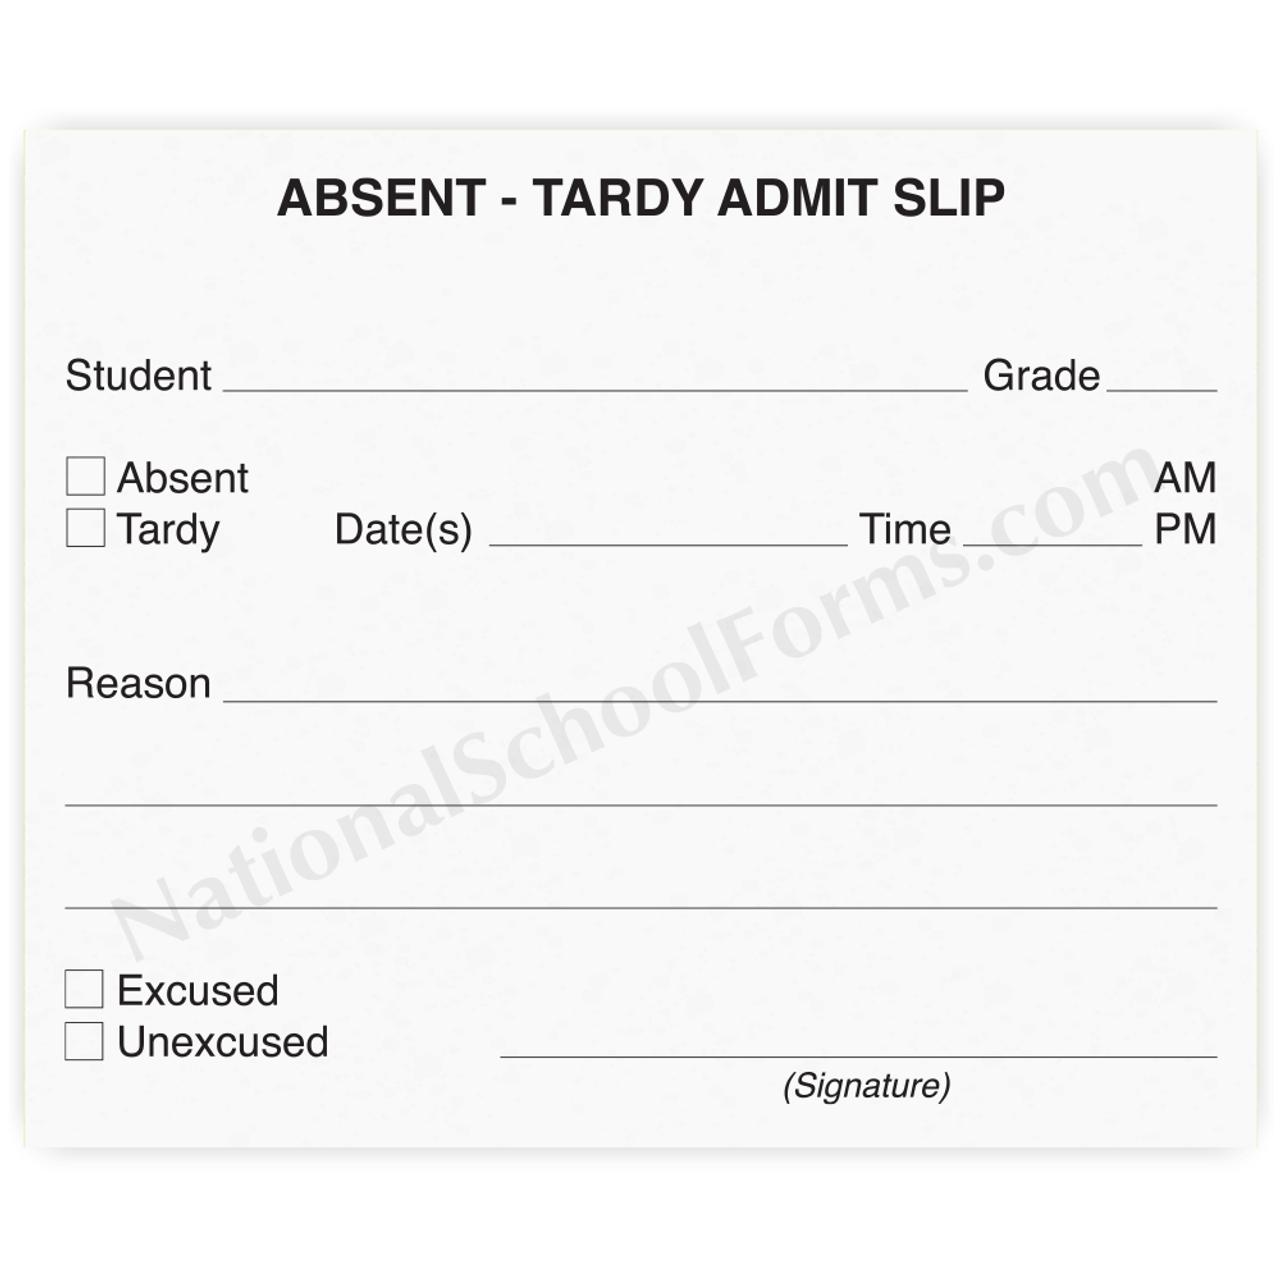 Absent-Tardy Admit Slip (145)